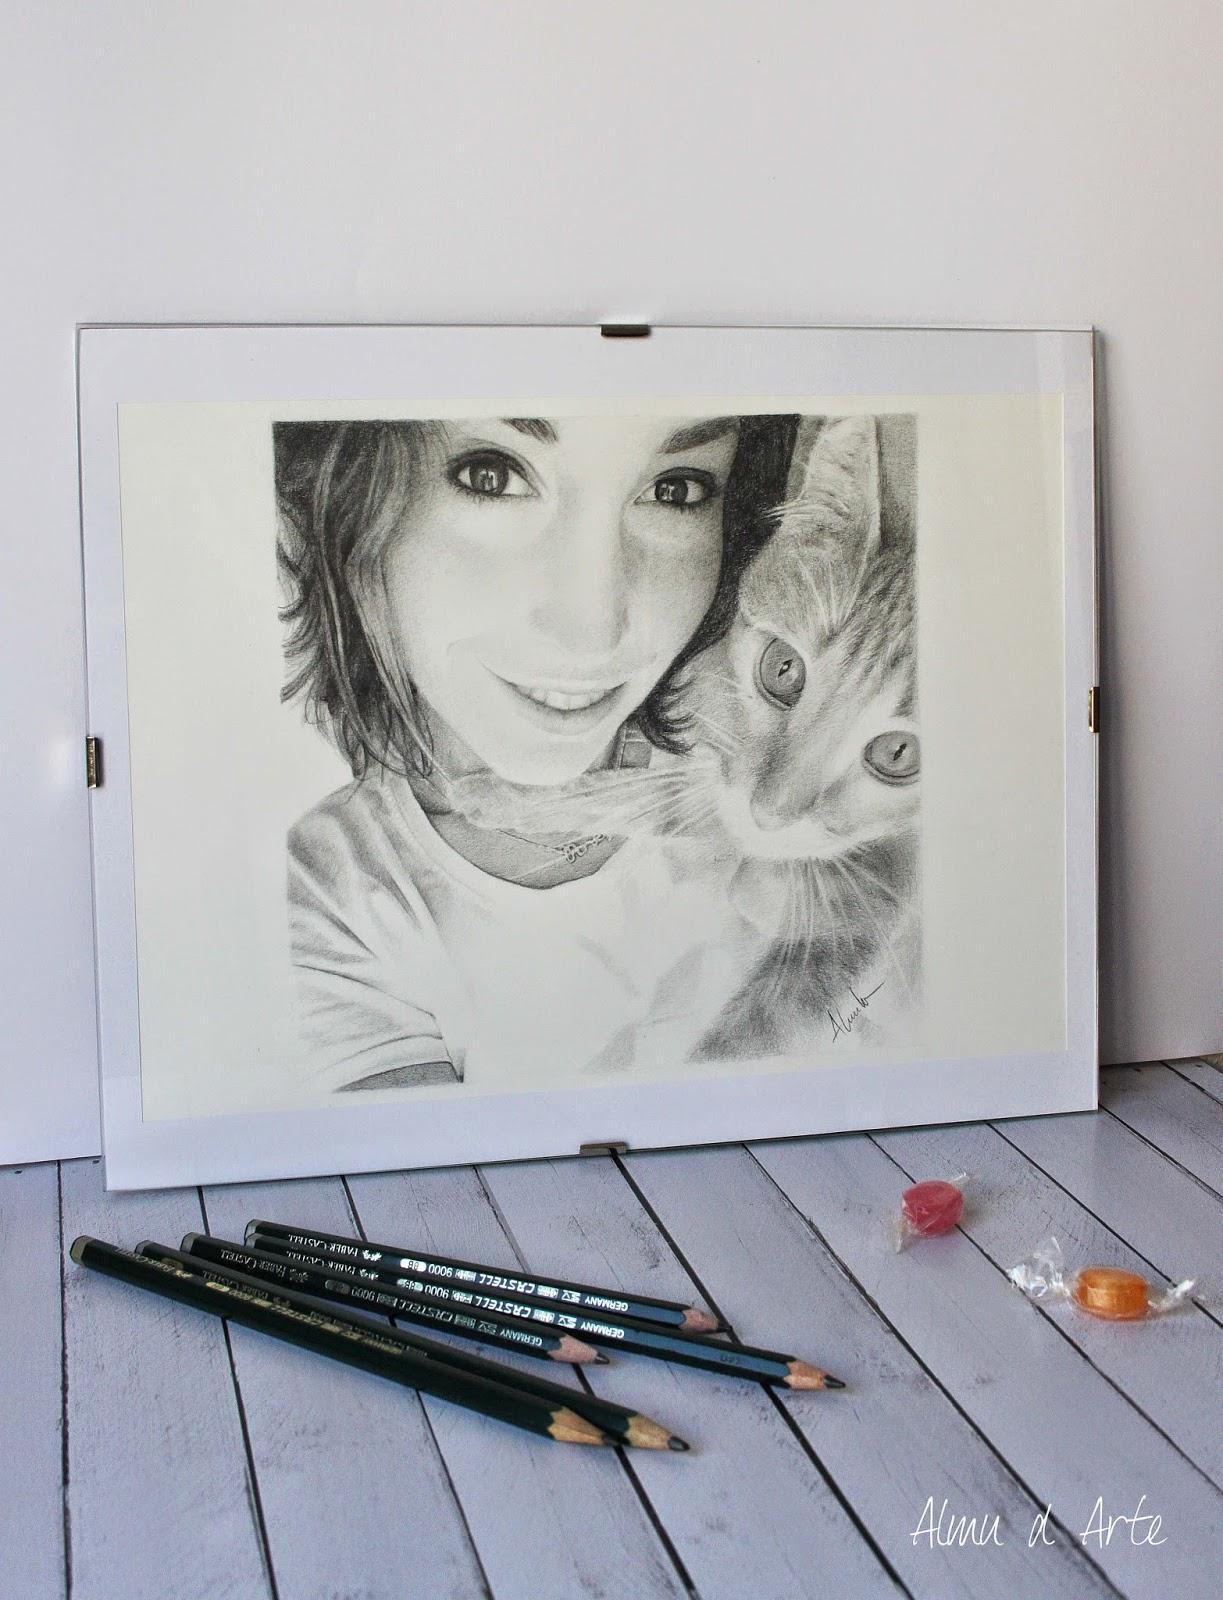 Retrato a lápiz enmarcado de Alma Obregón